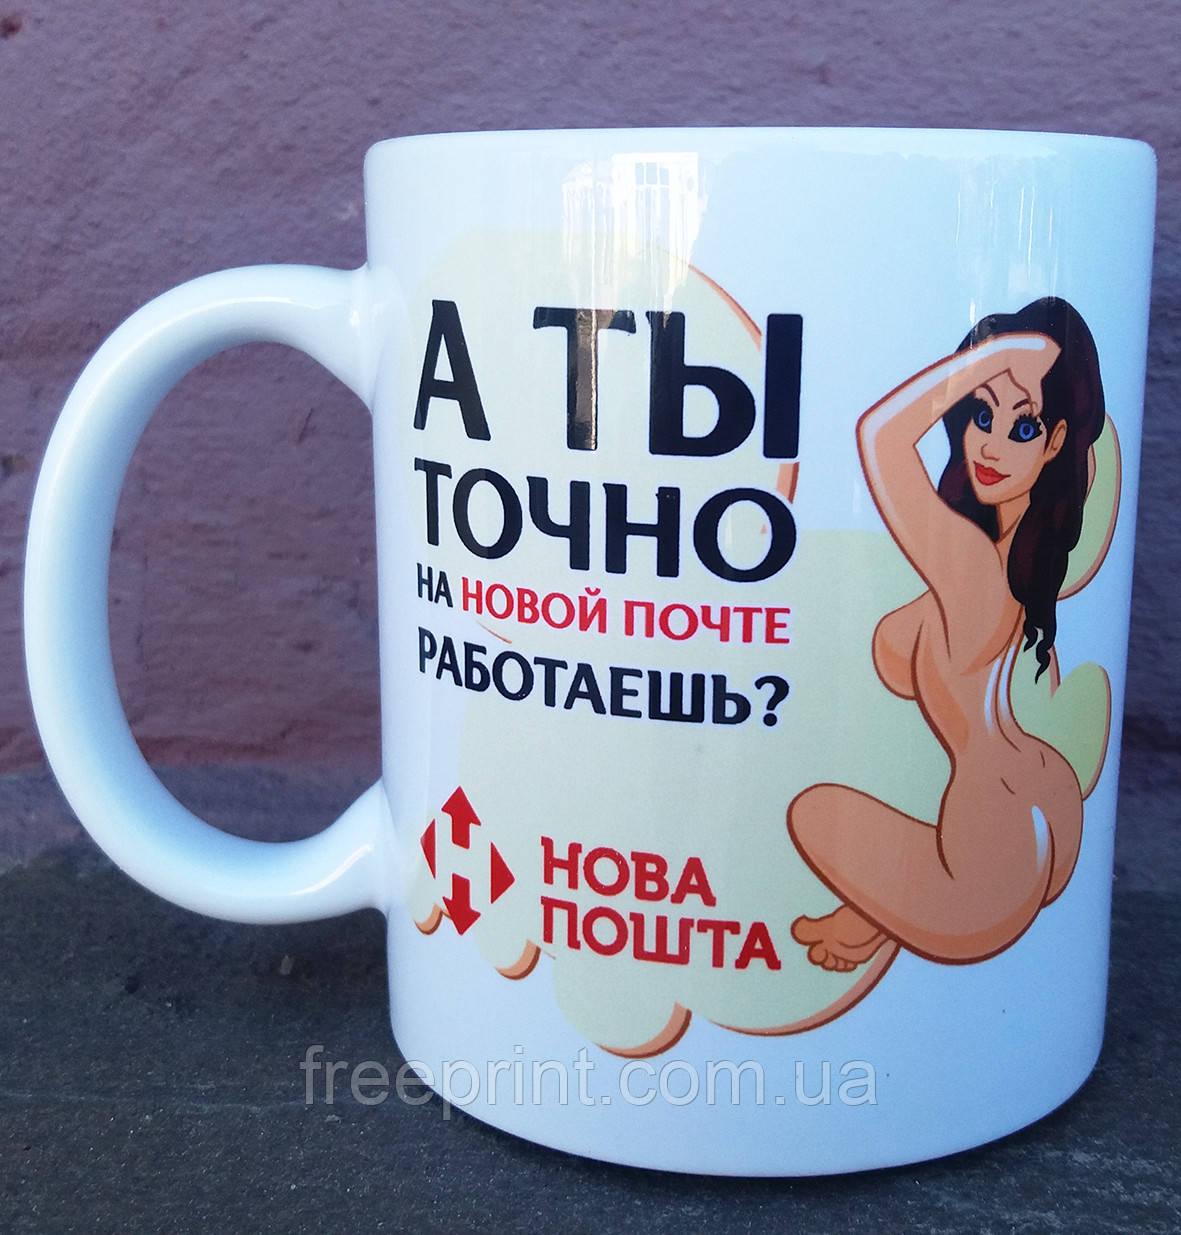 """Чашка-прикол """"А ты точно..."""". Печать на чашках, кружках. Нанесение логотипа на чашку"""